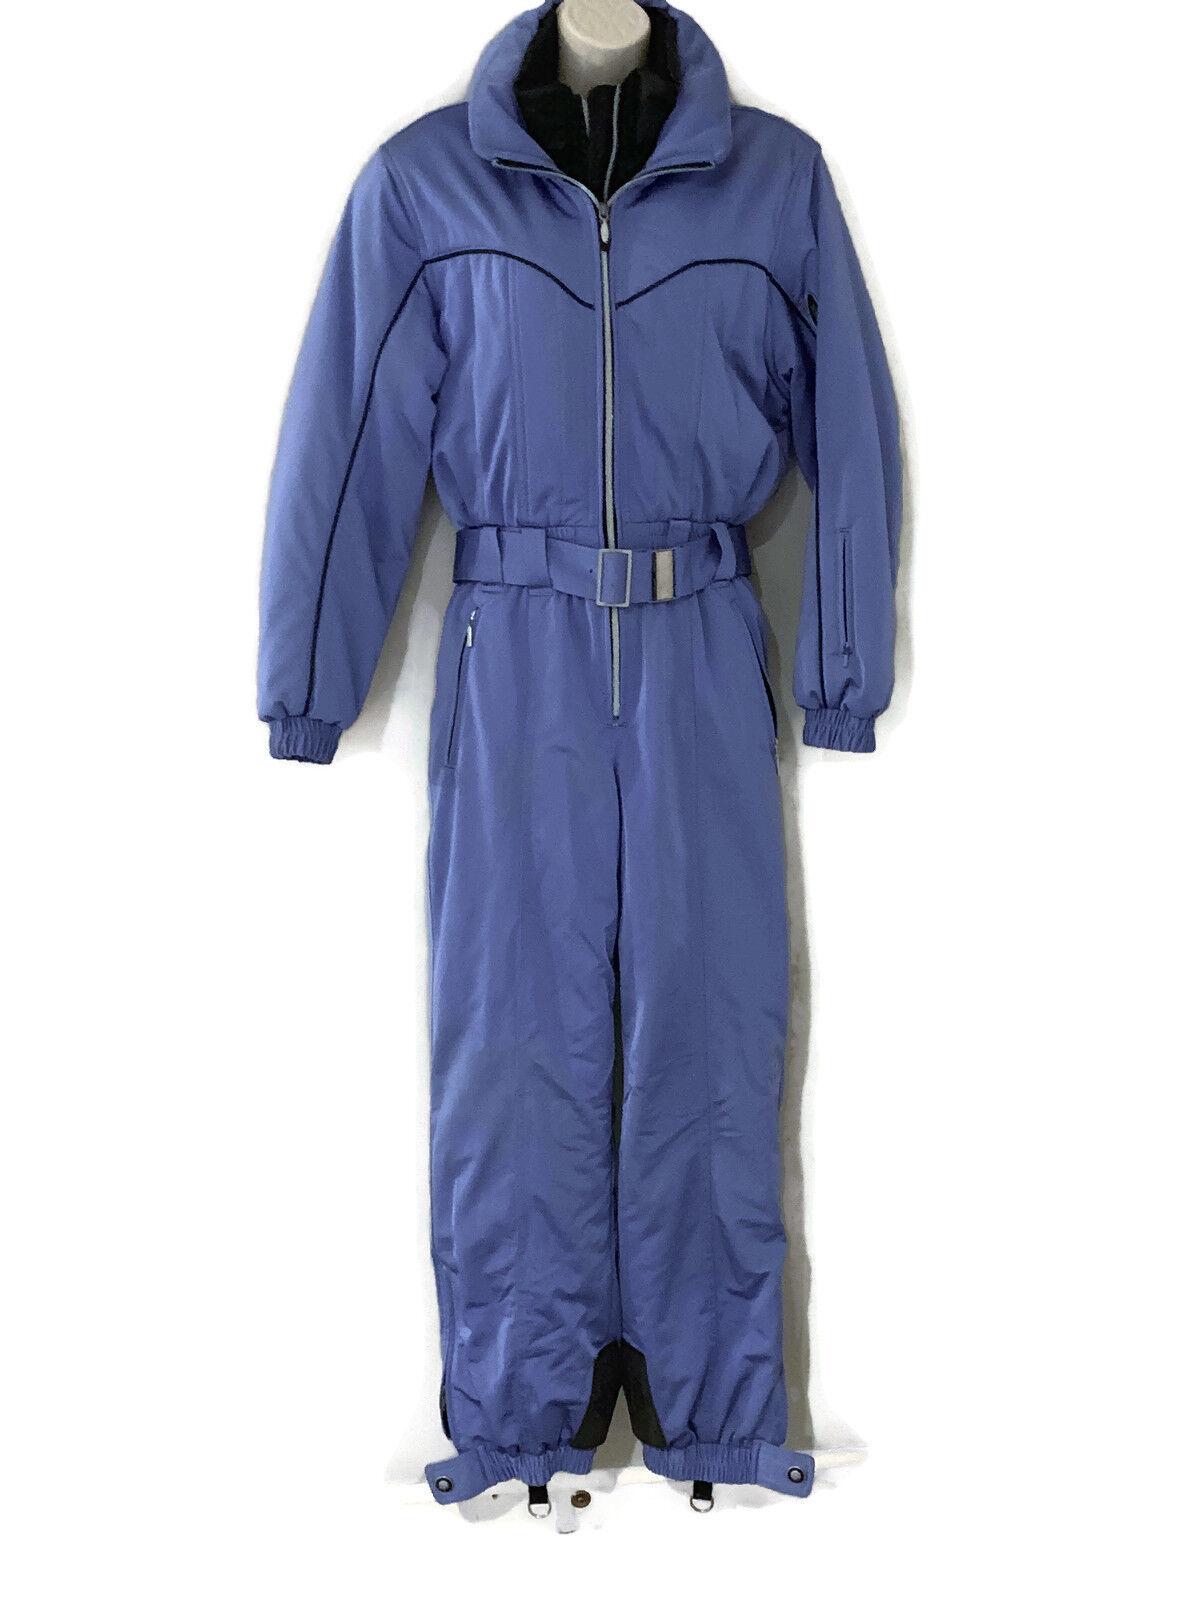 DESCENTE Womens Size 6 SKI SUIT One piece Snow Bib Snowsuit Vtg 80s 90s bluee